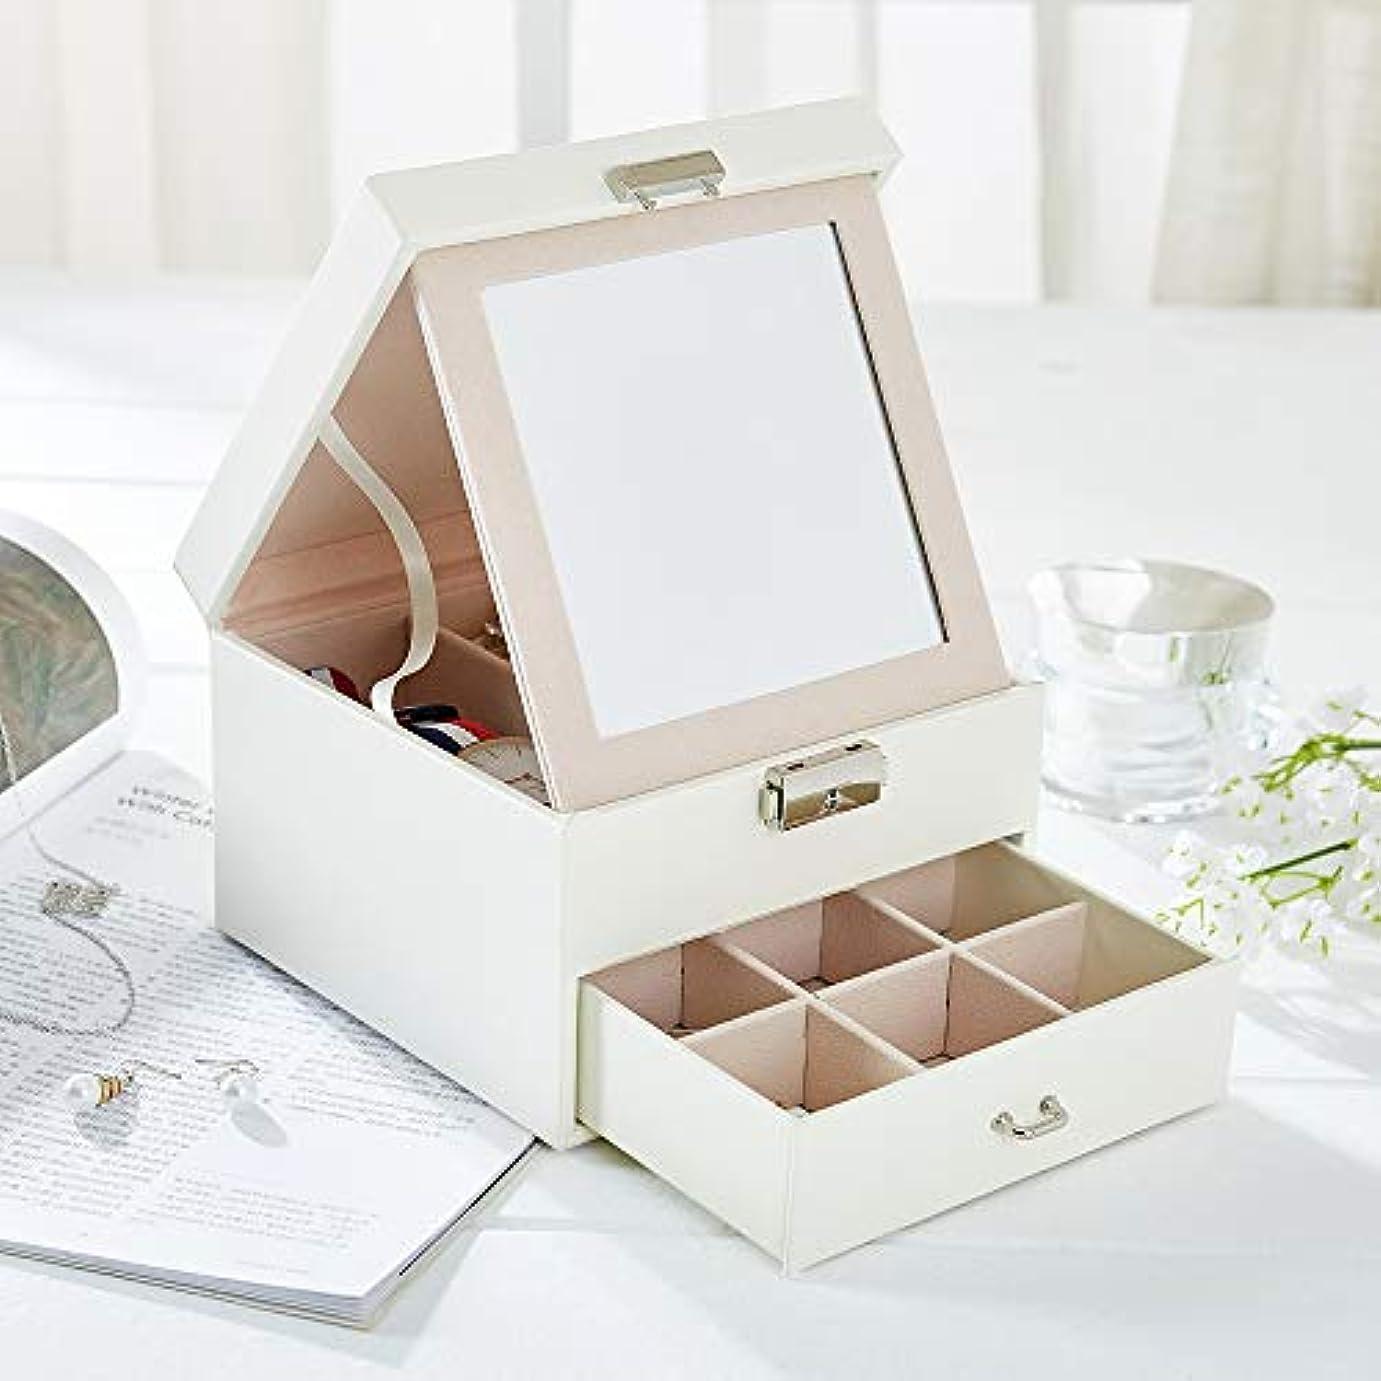 借りる合理的幻滅Diolan ジュエリー収納ケース ジュエリーボックス ミラー付き 2段収納 イヤリング 指輪 腕時計などを収納できる (ホワイト)